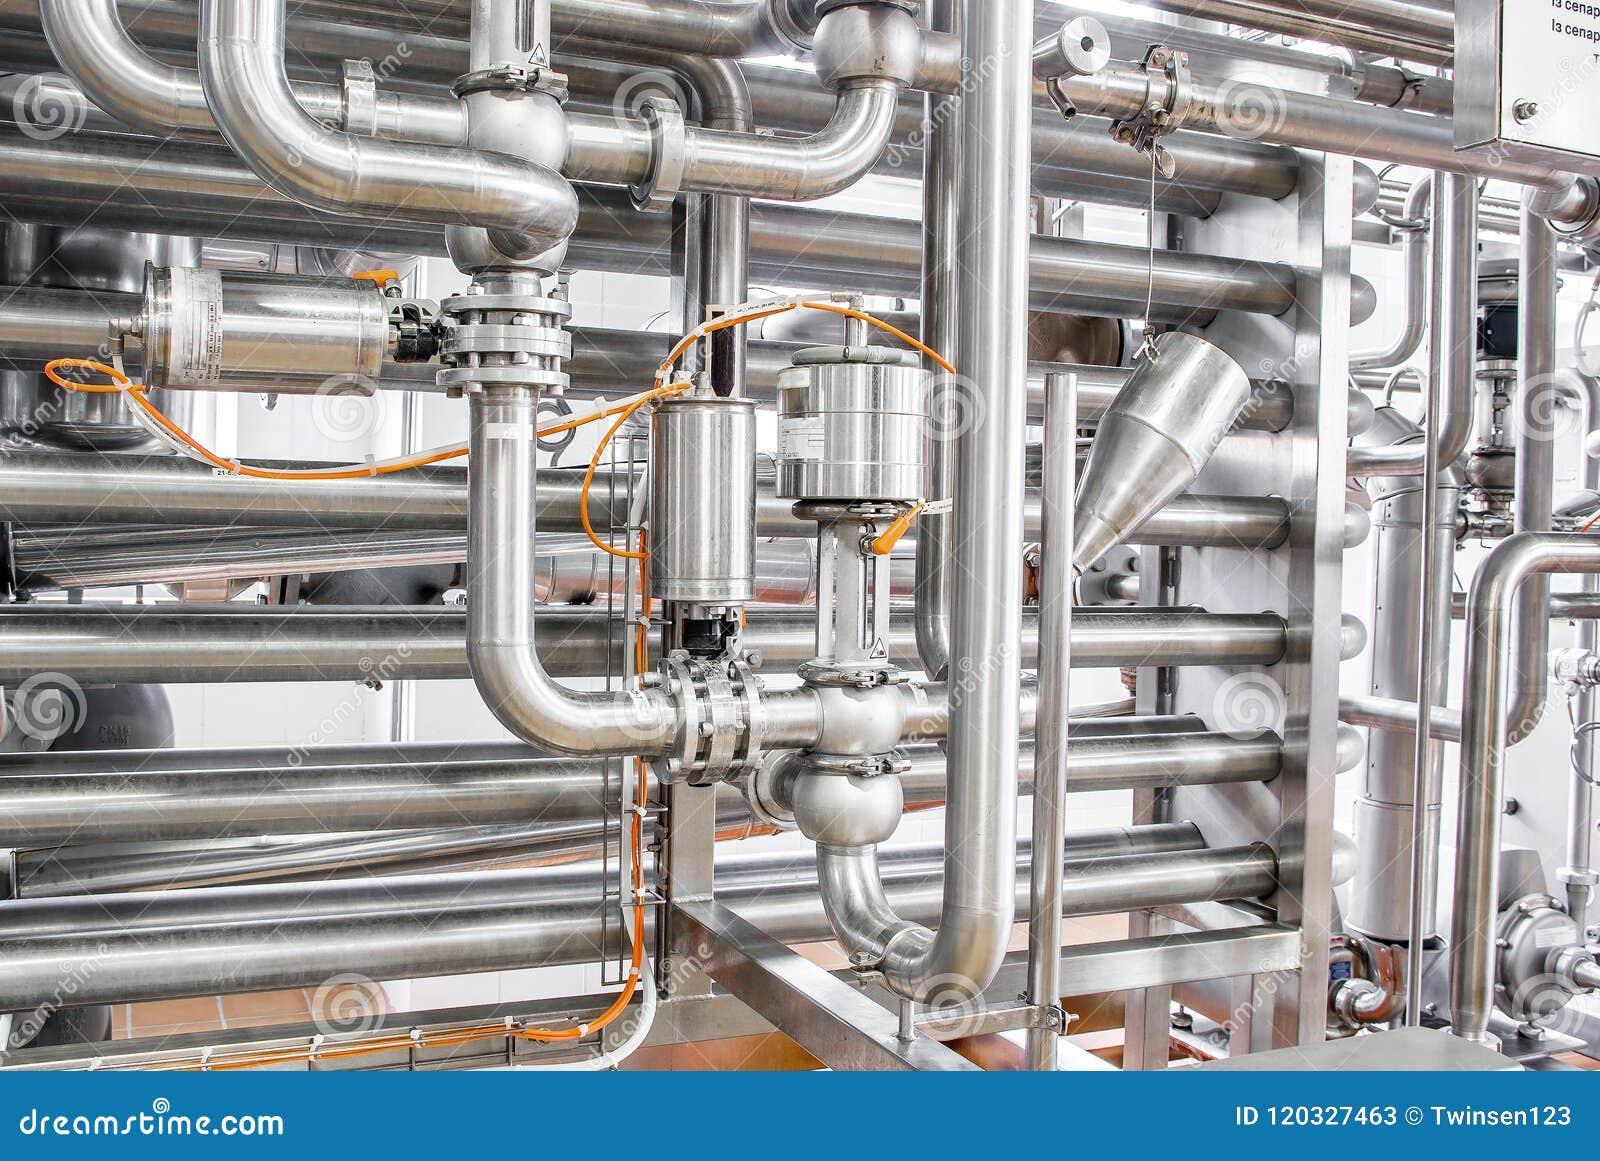 Condutture da acciaio inossidabile, un sistema per i liquidi di pompaggio o